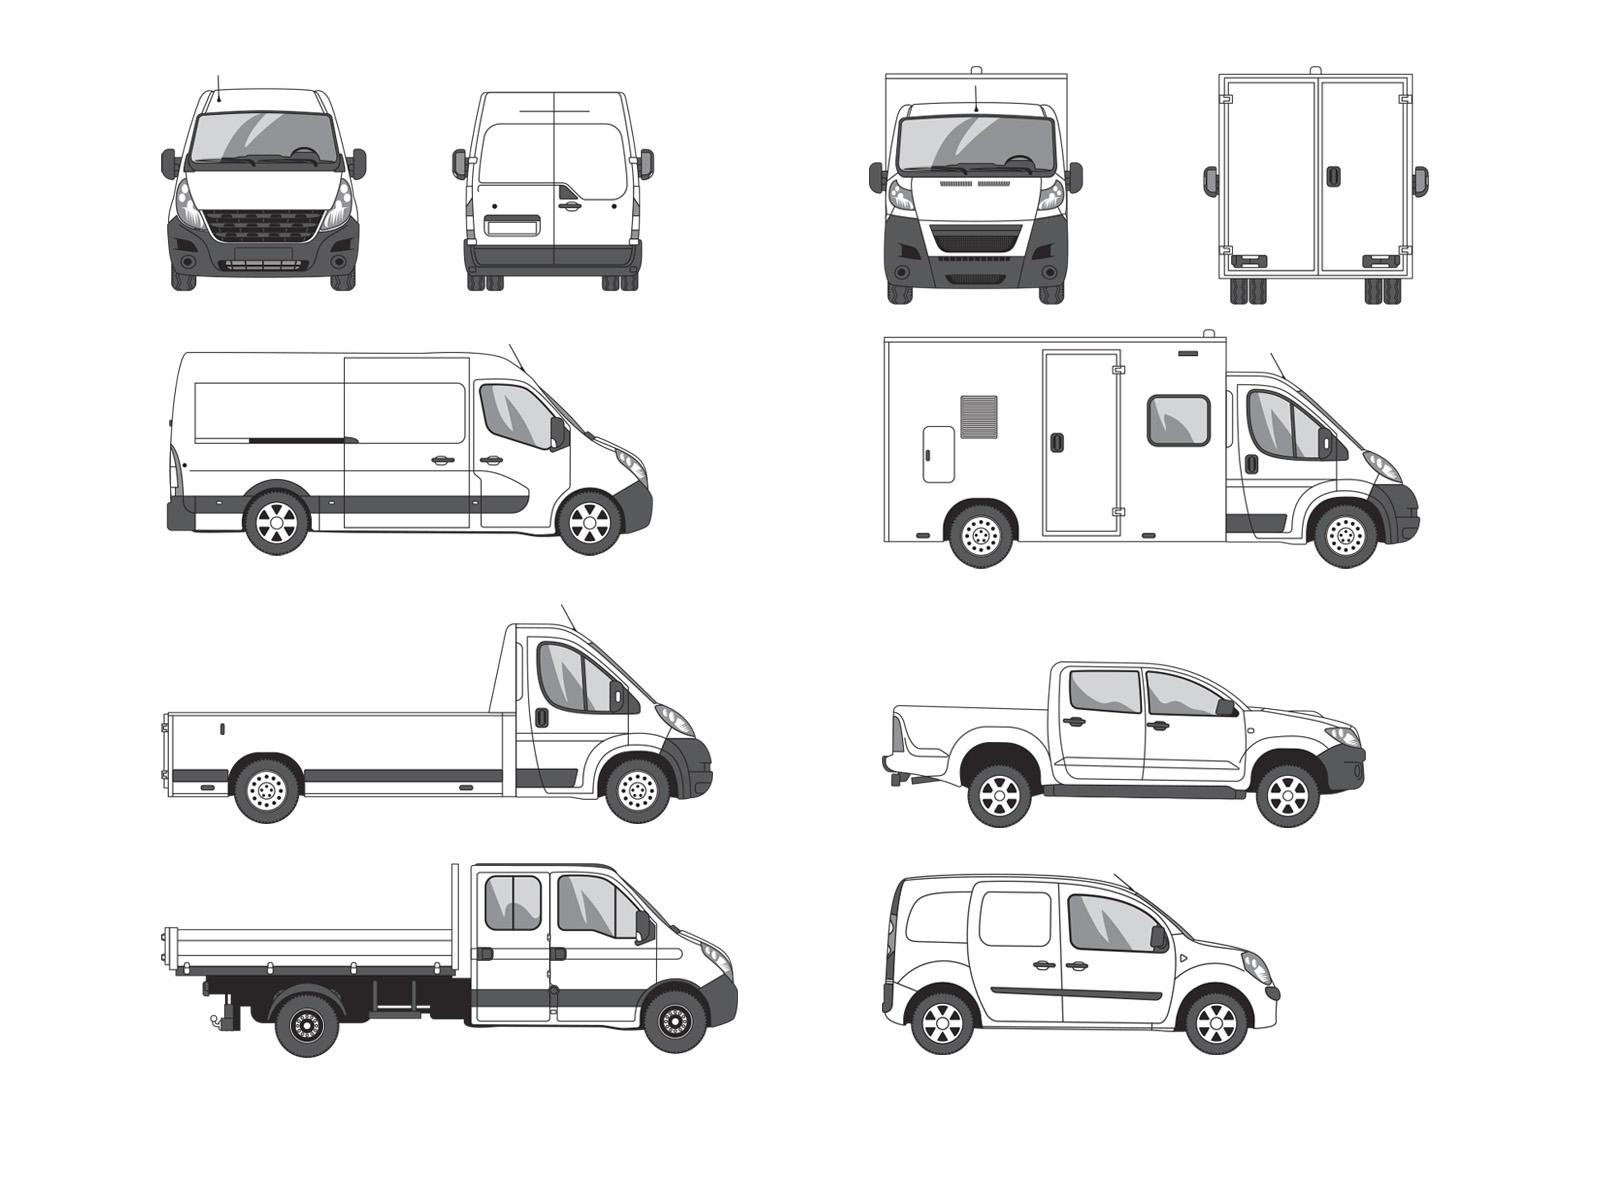 Aurelien-boudault-Vehicule-utilitaire